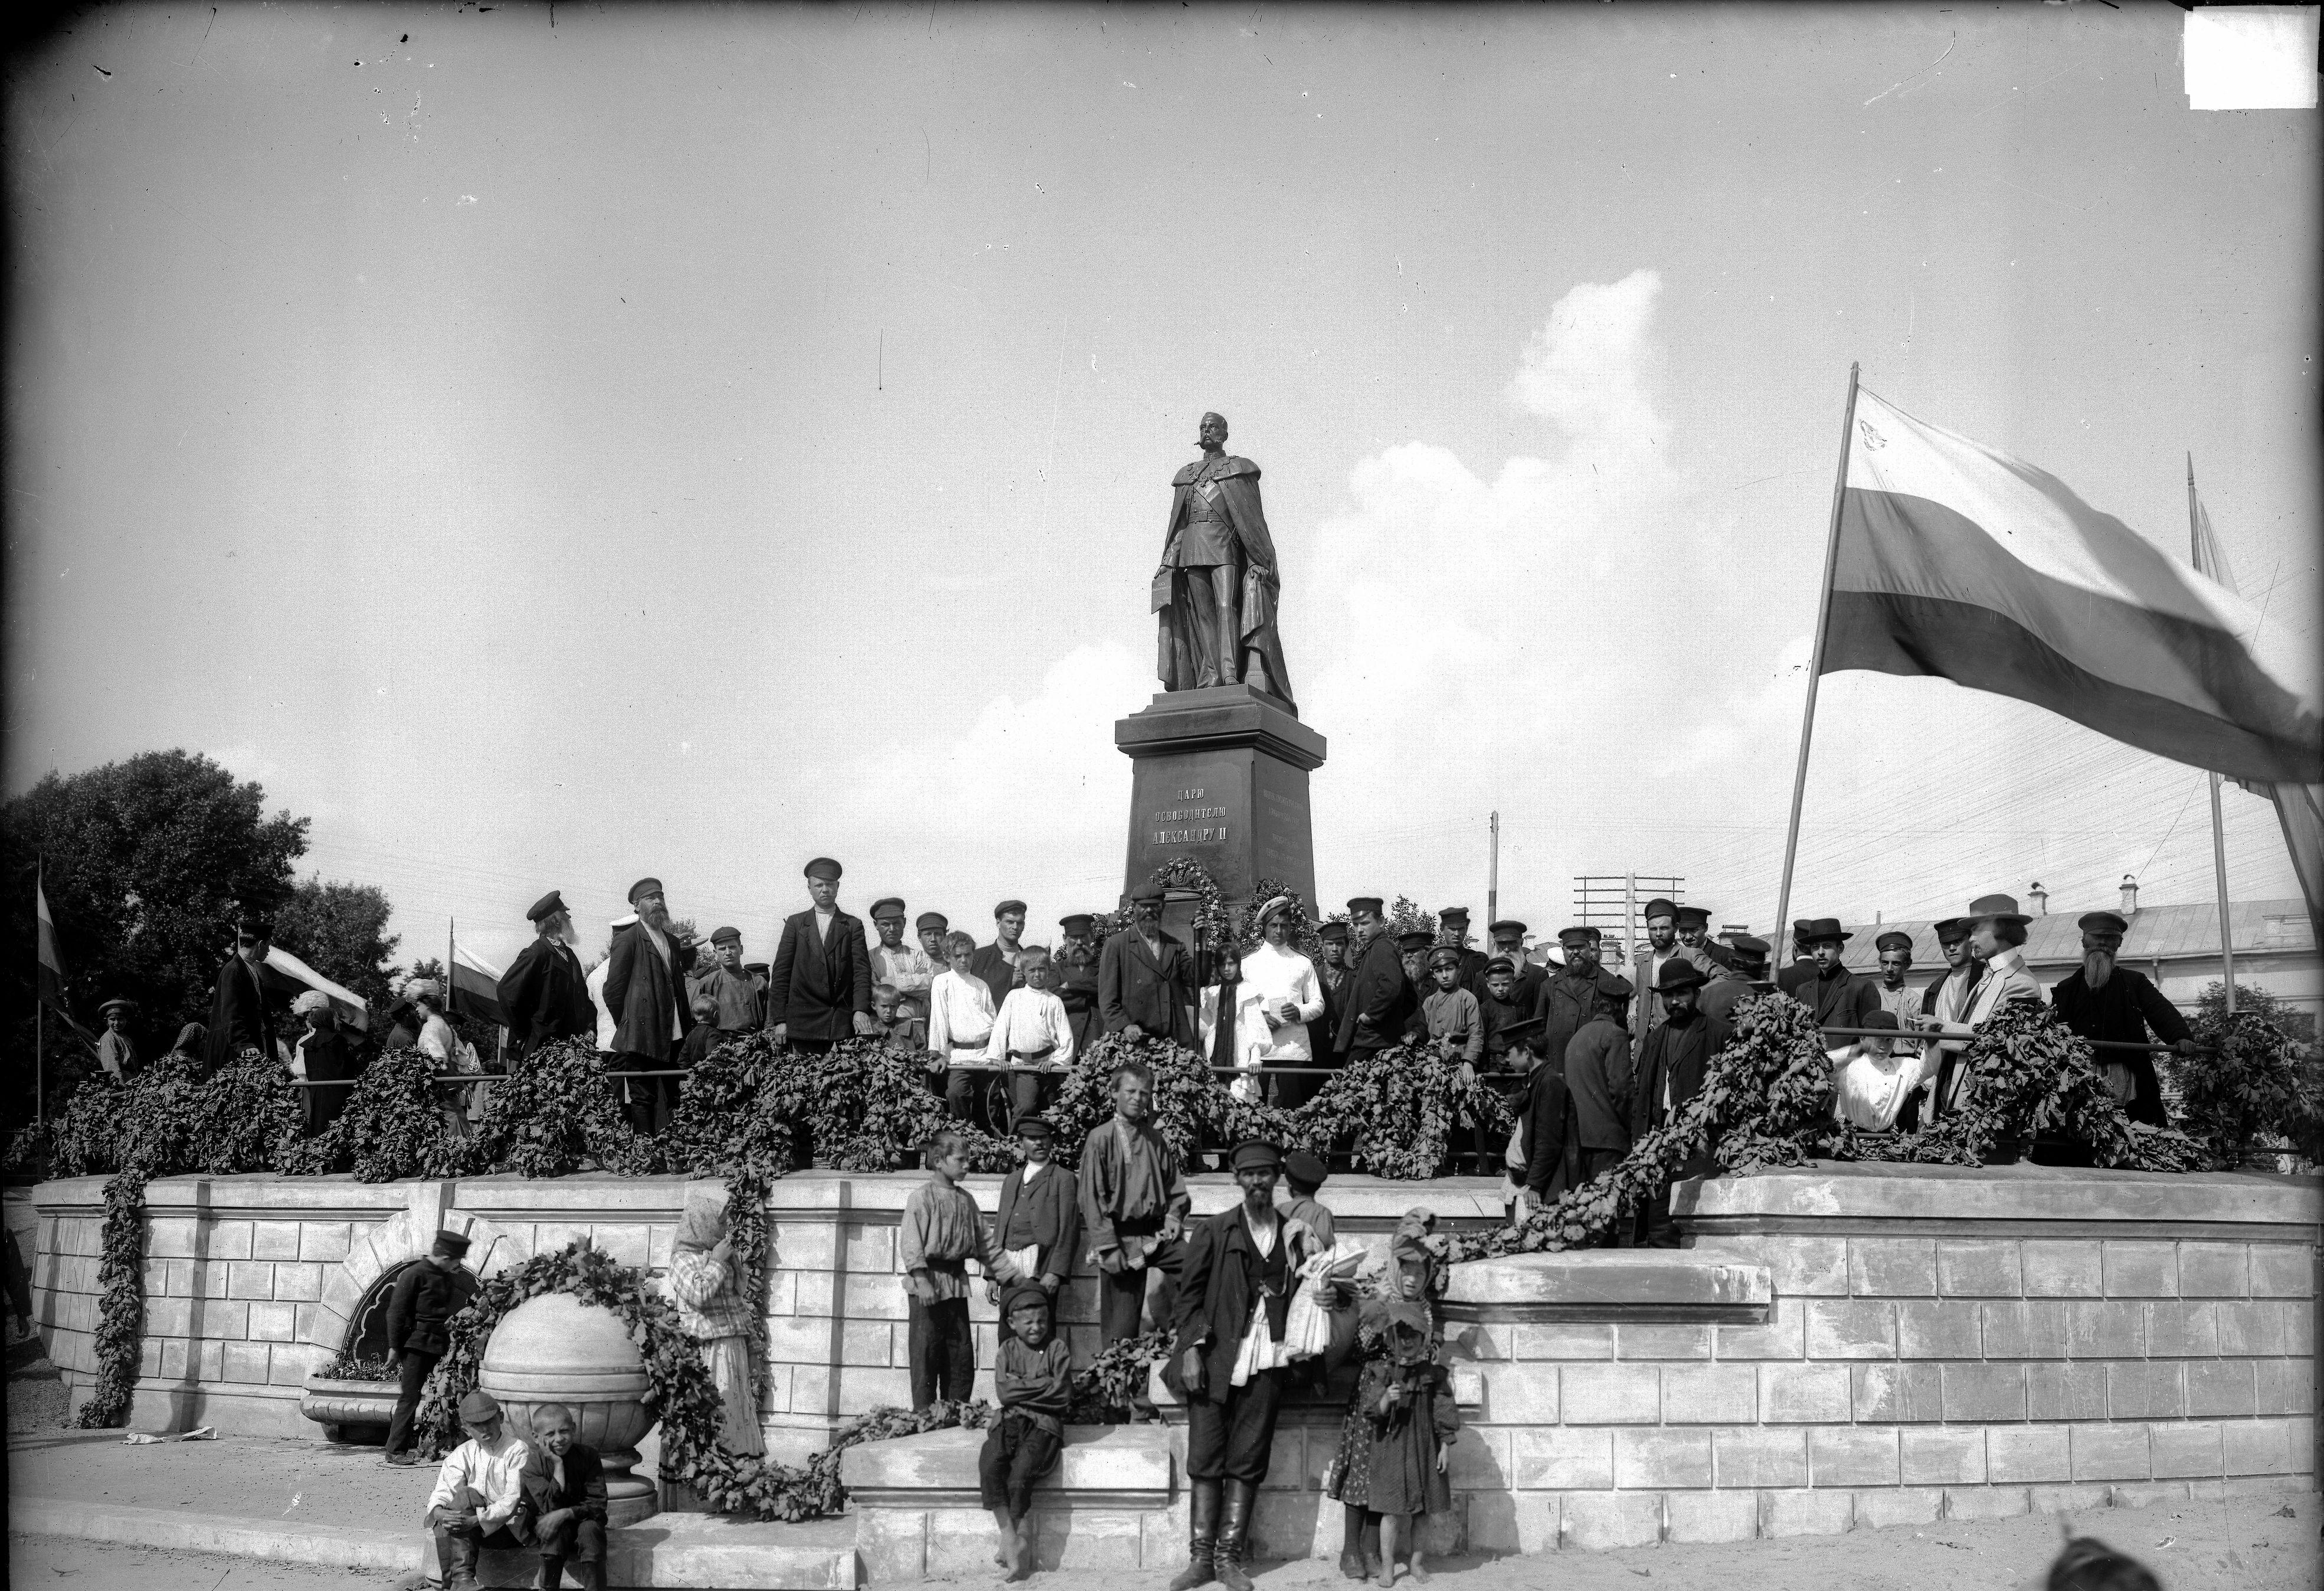 Благовещенская площадь. В центре - памятник императору Александру II